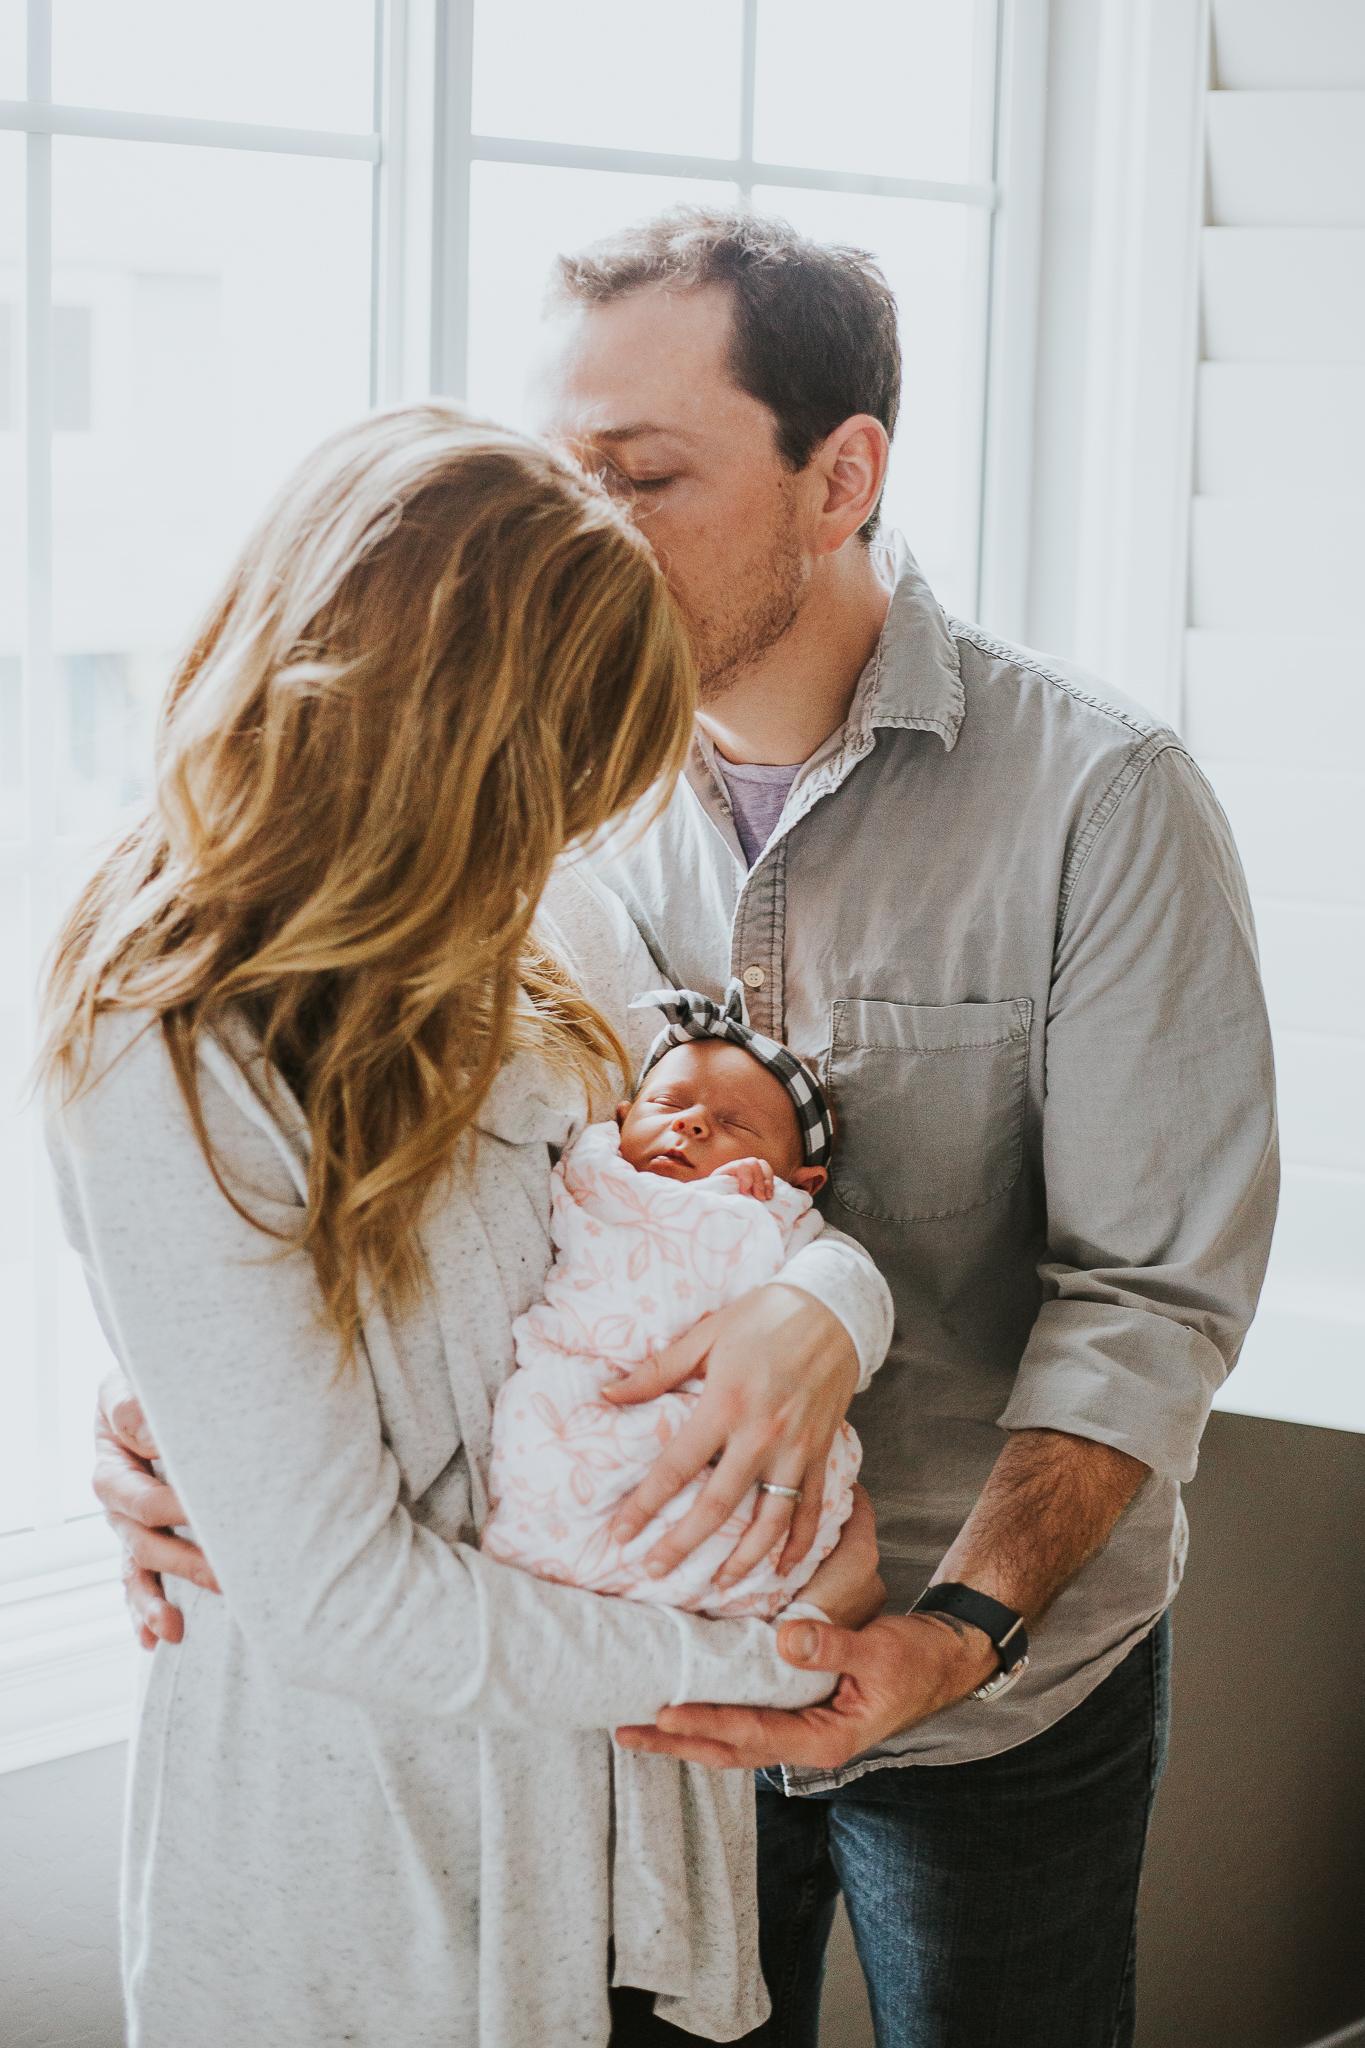 Mesa-Arizona-Newborn-Photographer-6.jpg